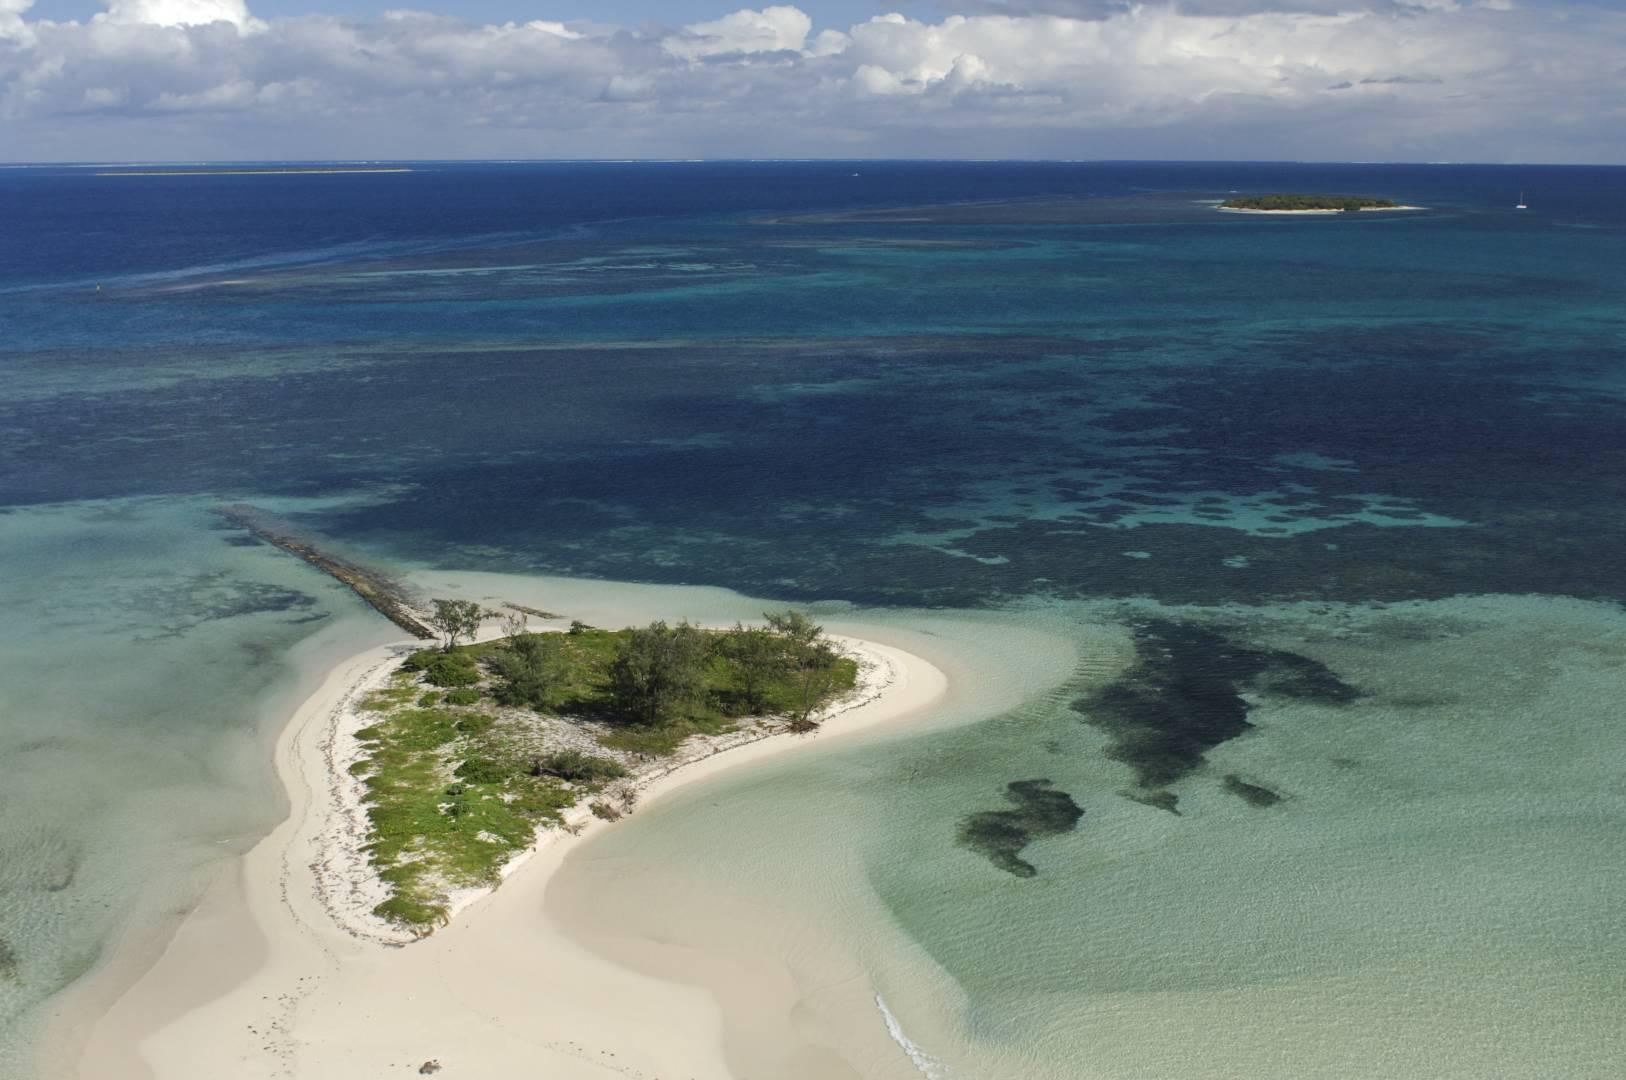 îlot autour de Nouméa lagon ouest